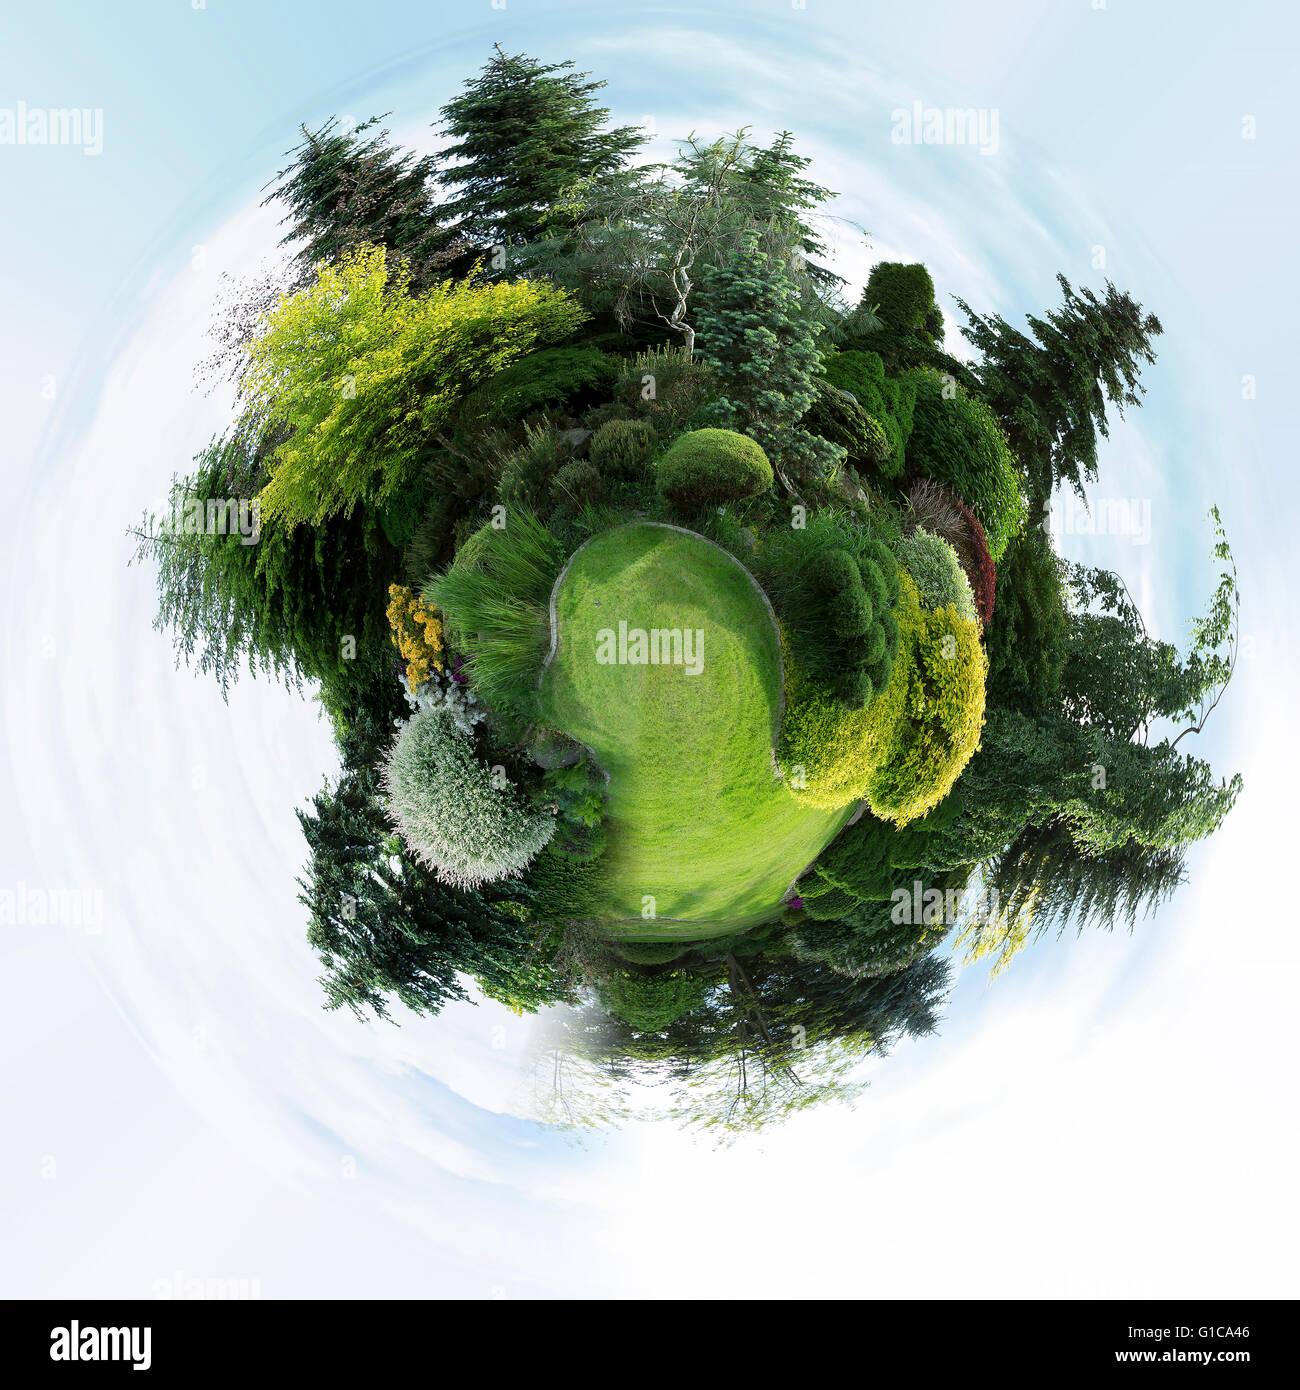 Mini Planet Der Schöne Frühling Garten Design Nadelbaum Bäume